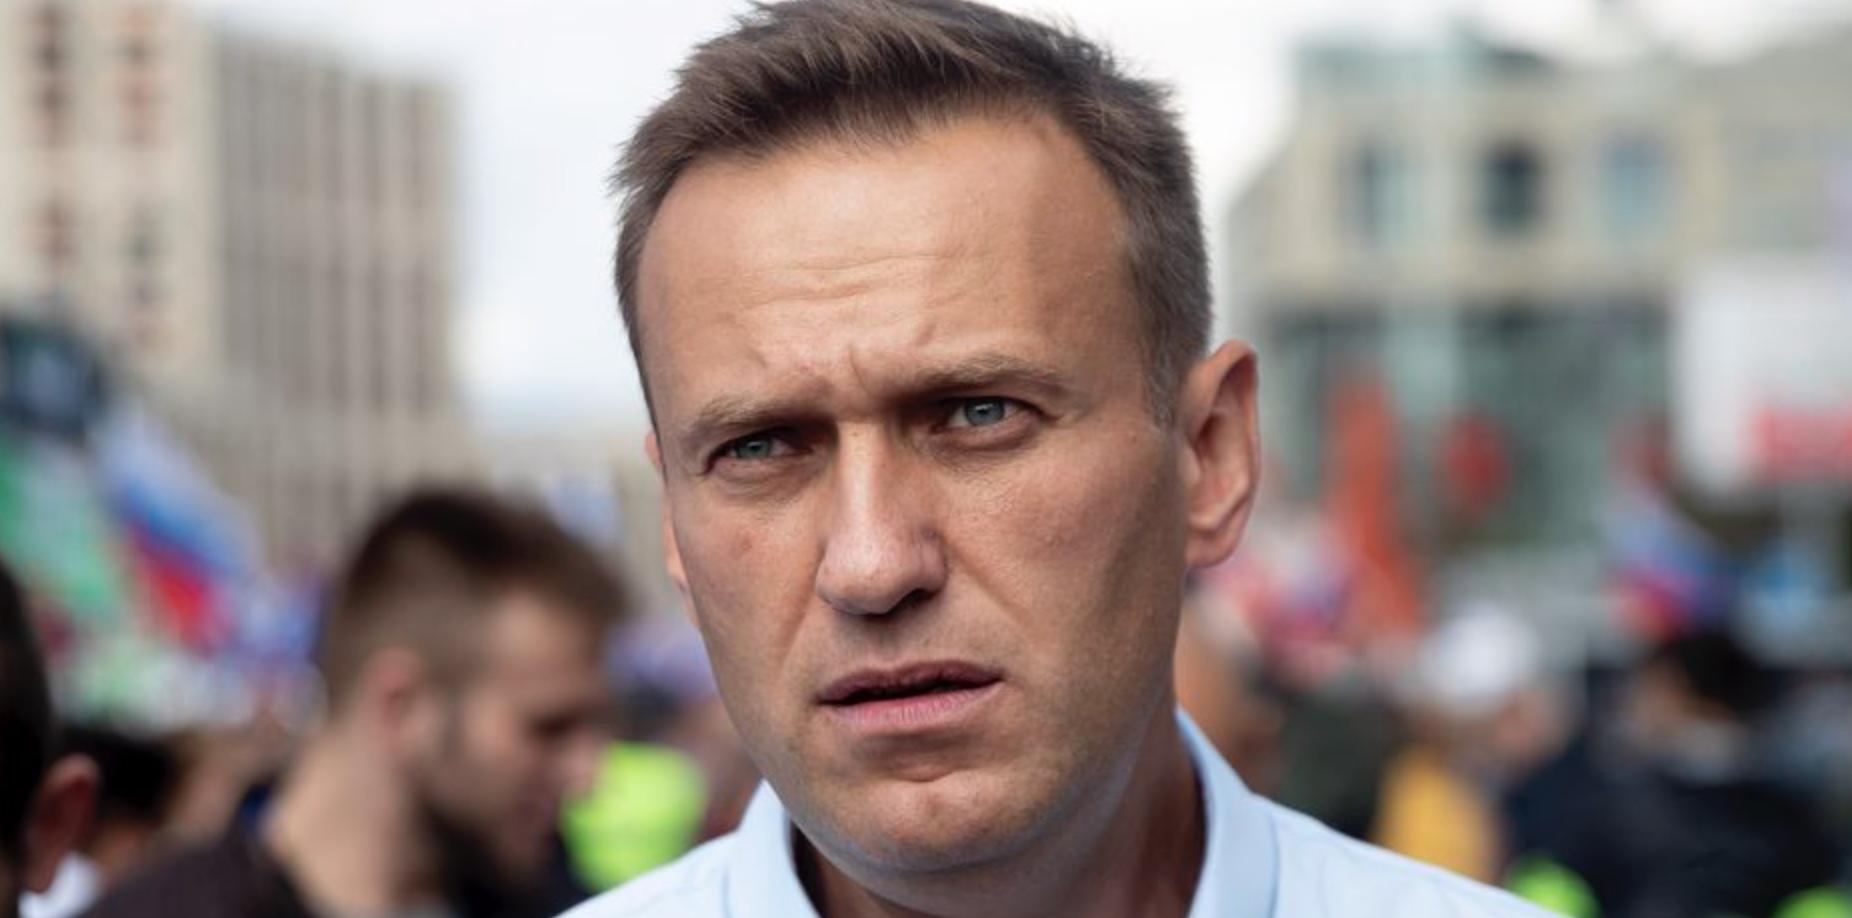 Dans leur hystérie anti-Poutine, les medias Occidentaux encensent le peu recommandable Navalny